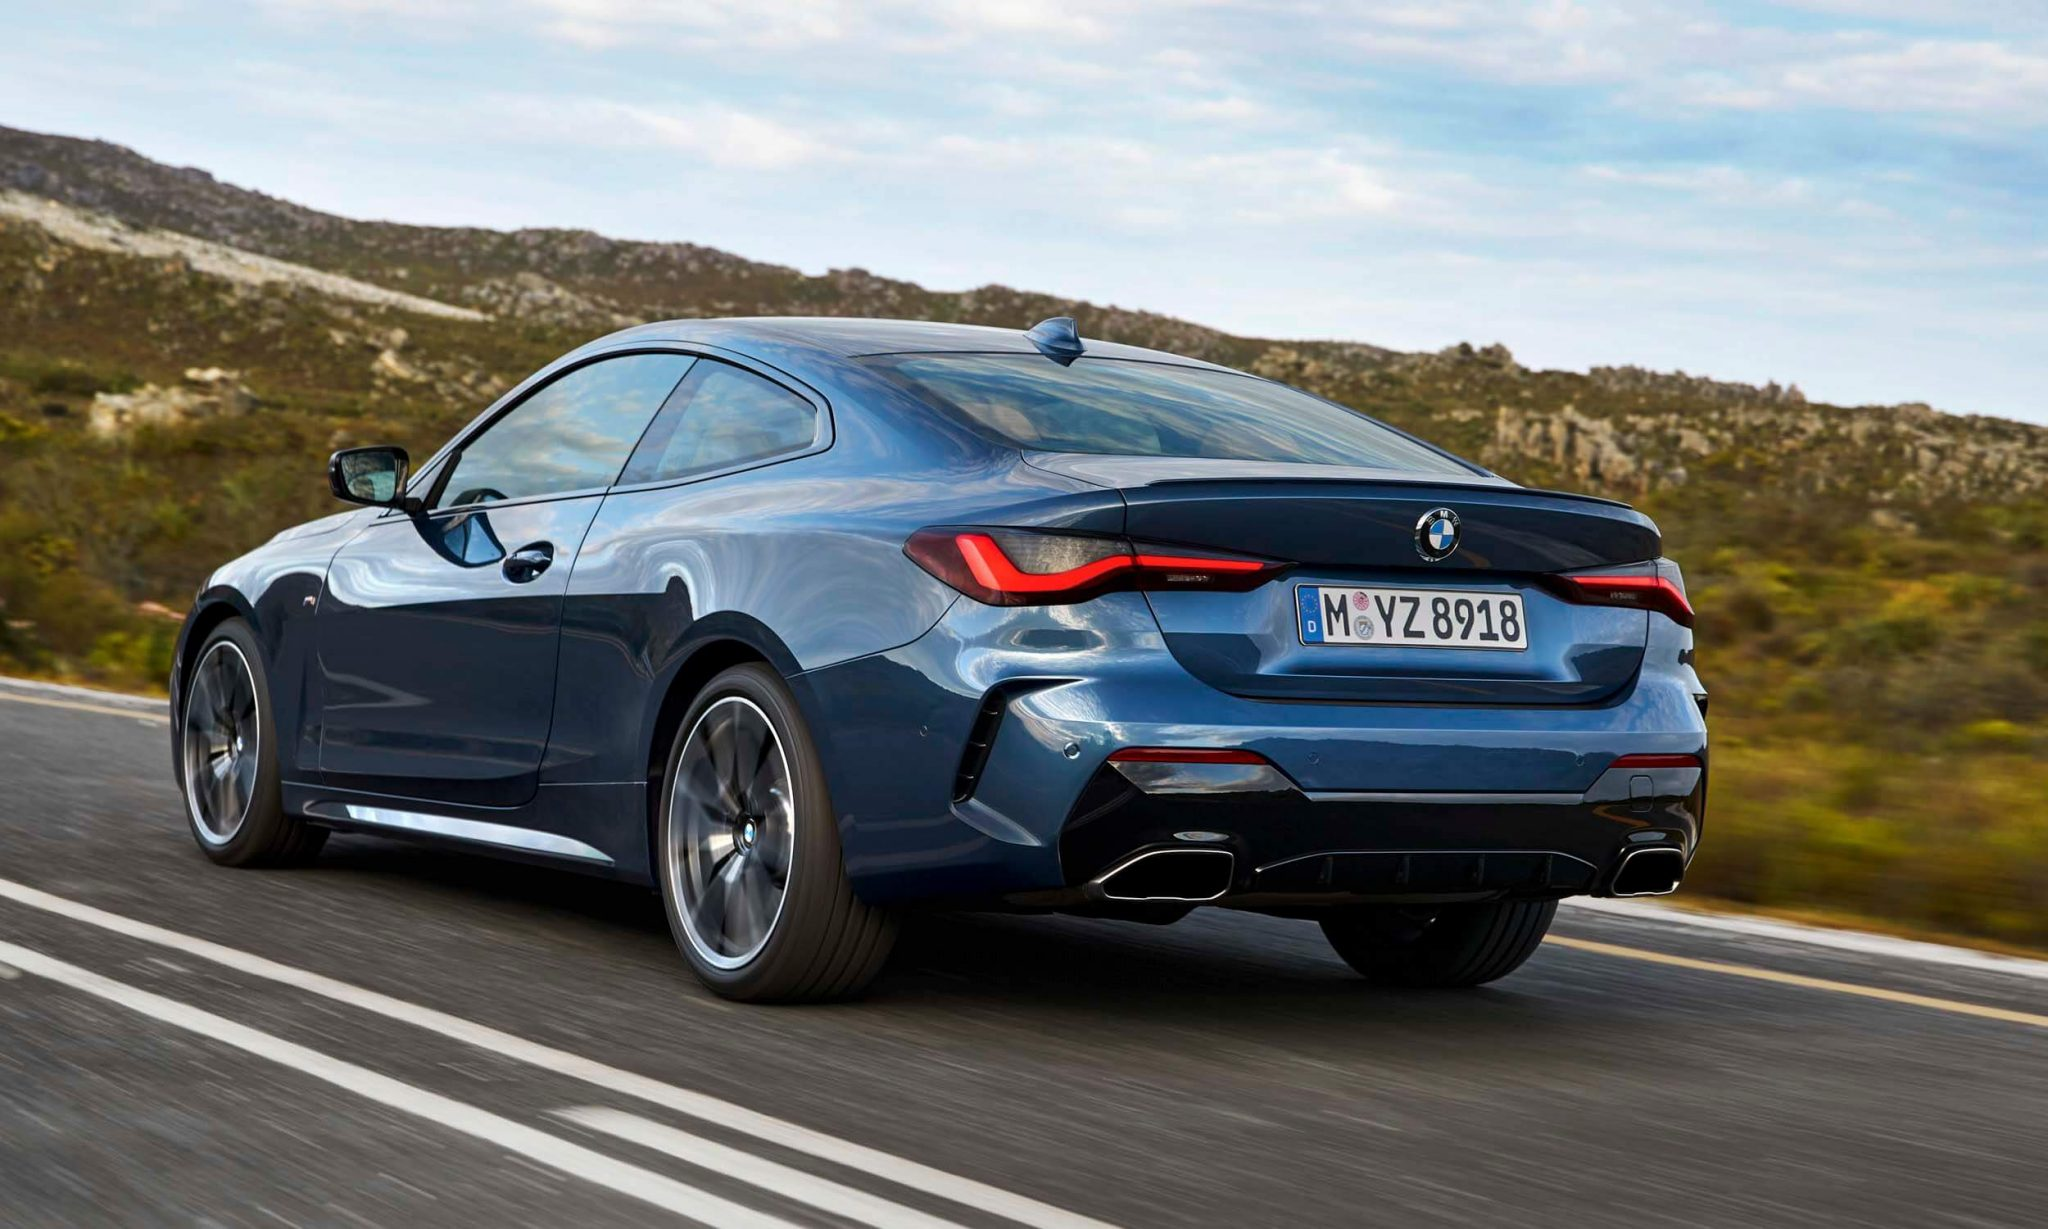 BMW представила новое поколение купе 4 серии 2